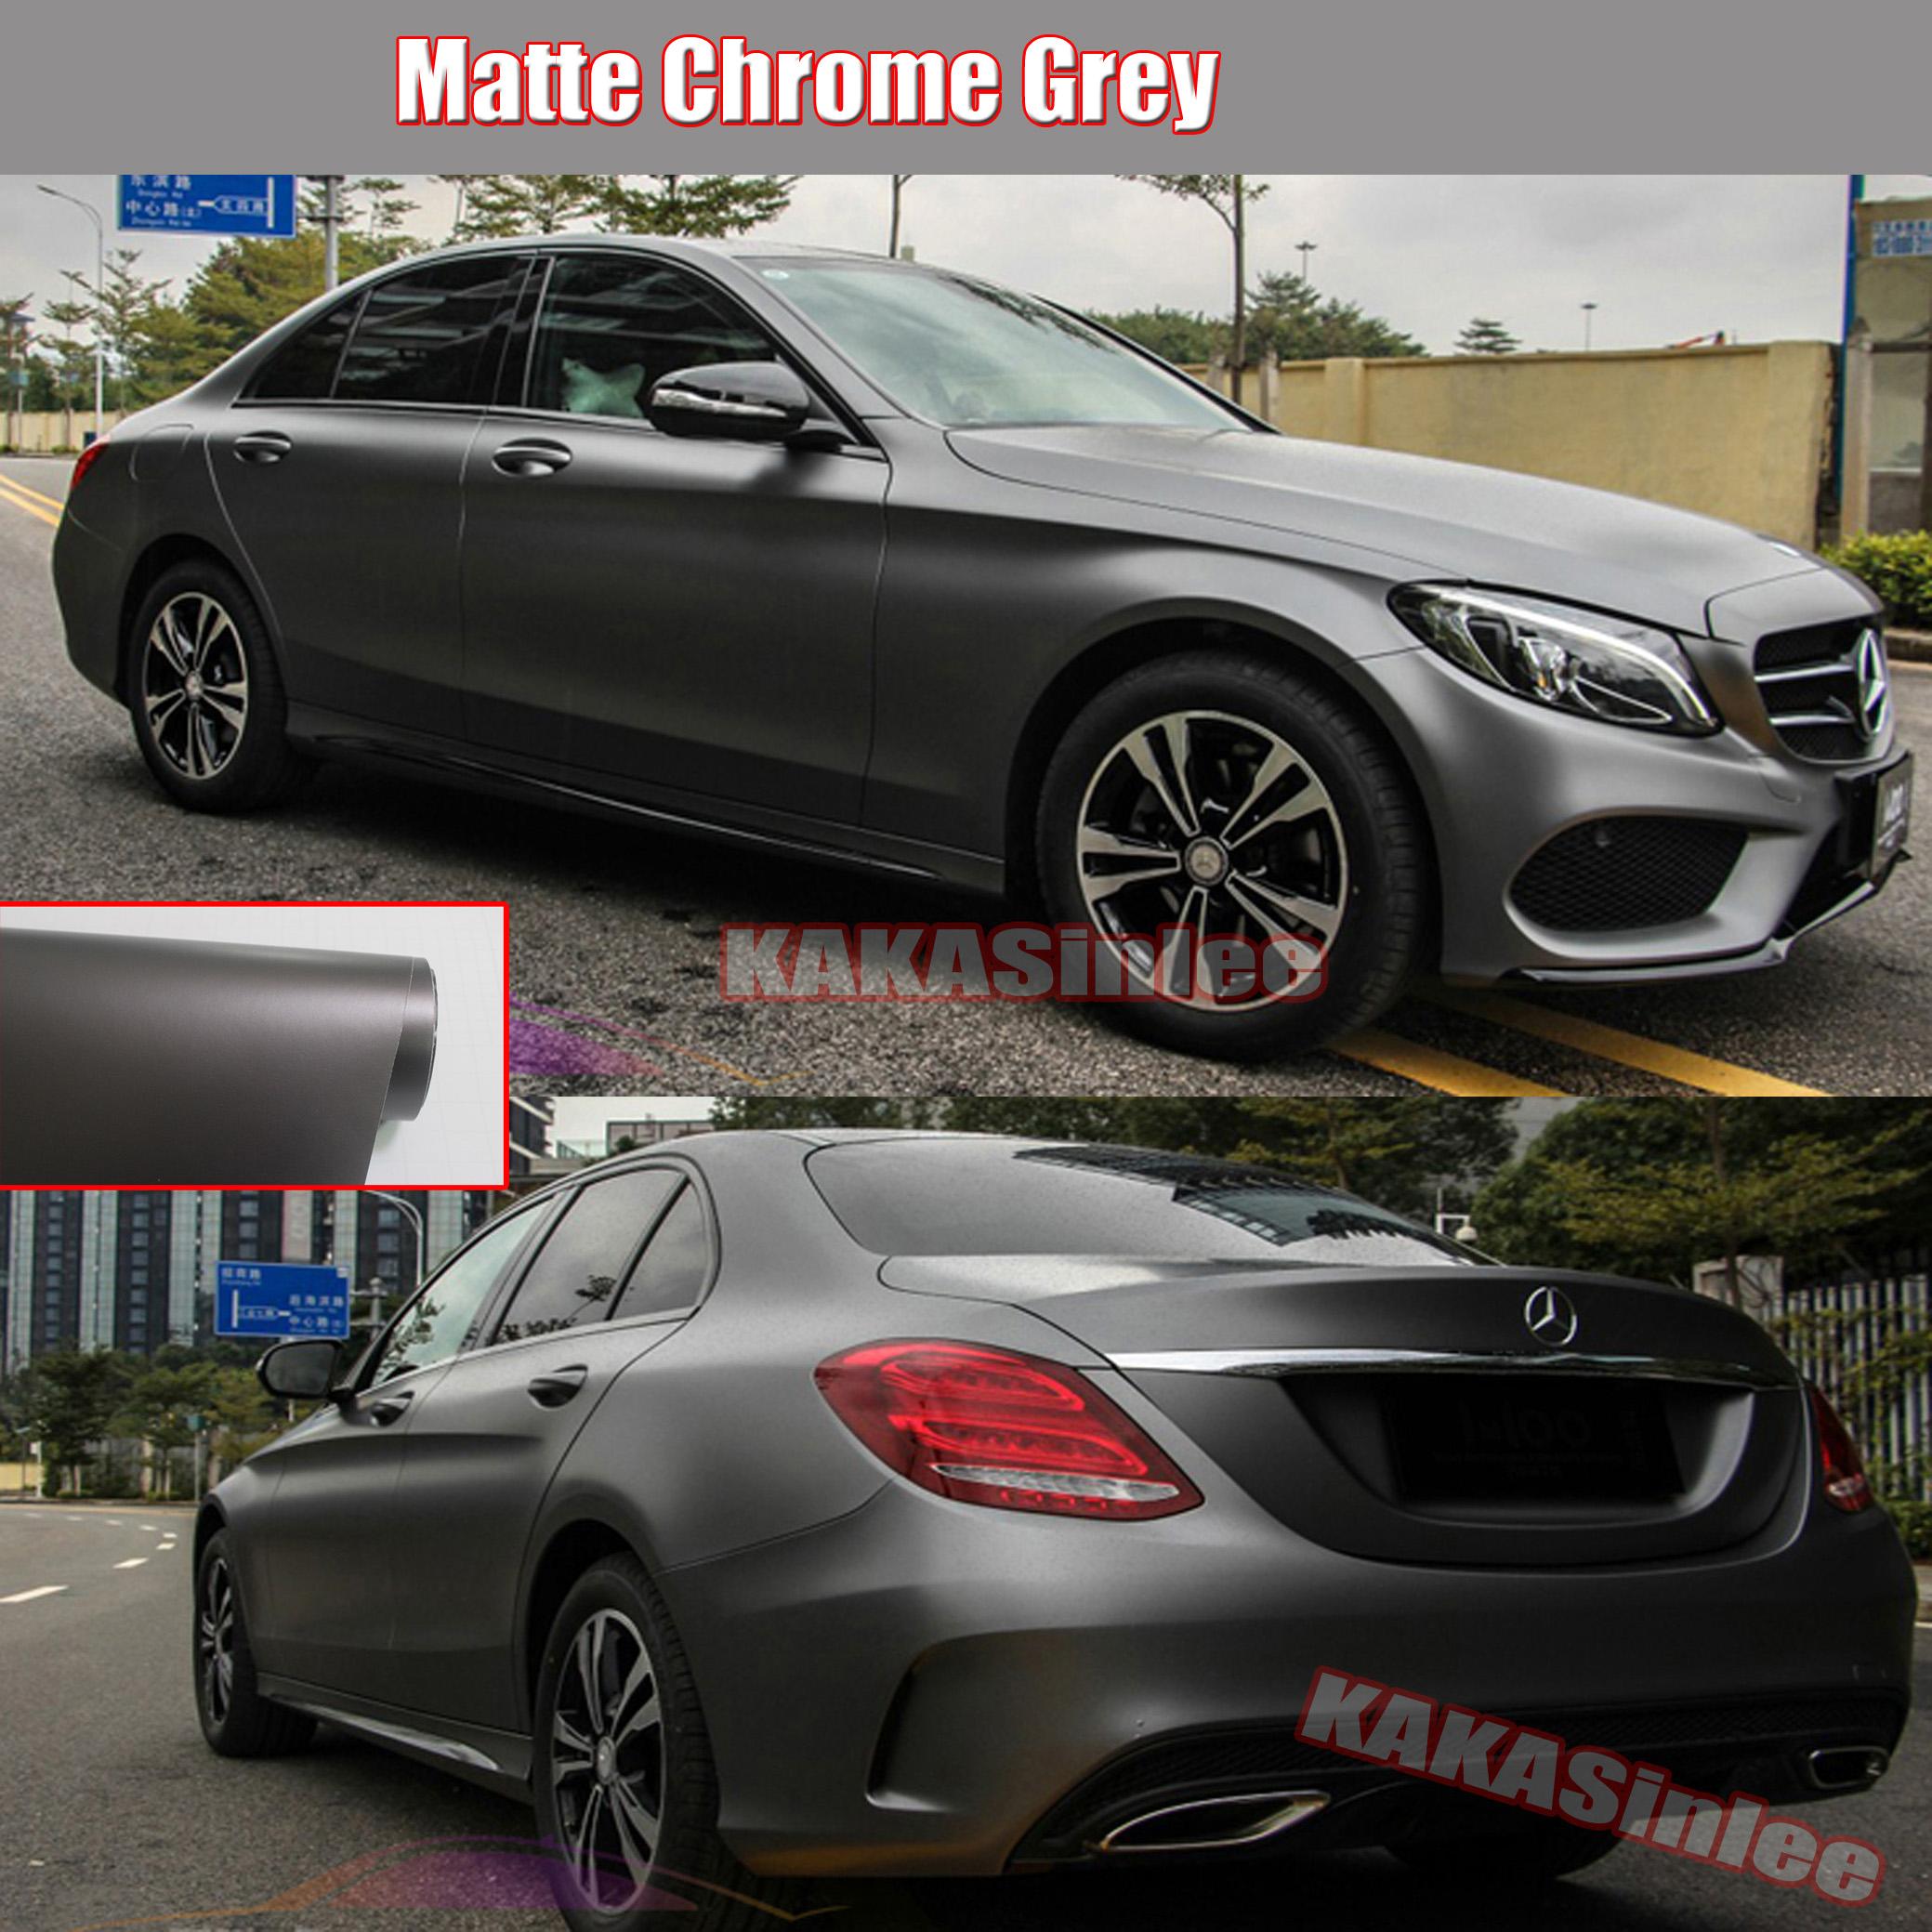 Matte Grey Car >> Details About 12 X 60 Cool Car Wrap Metallic Satin Matte Metal Chrome Vinyl Sticker Grey Hd